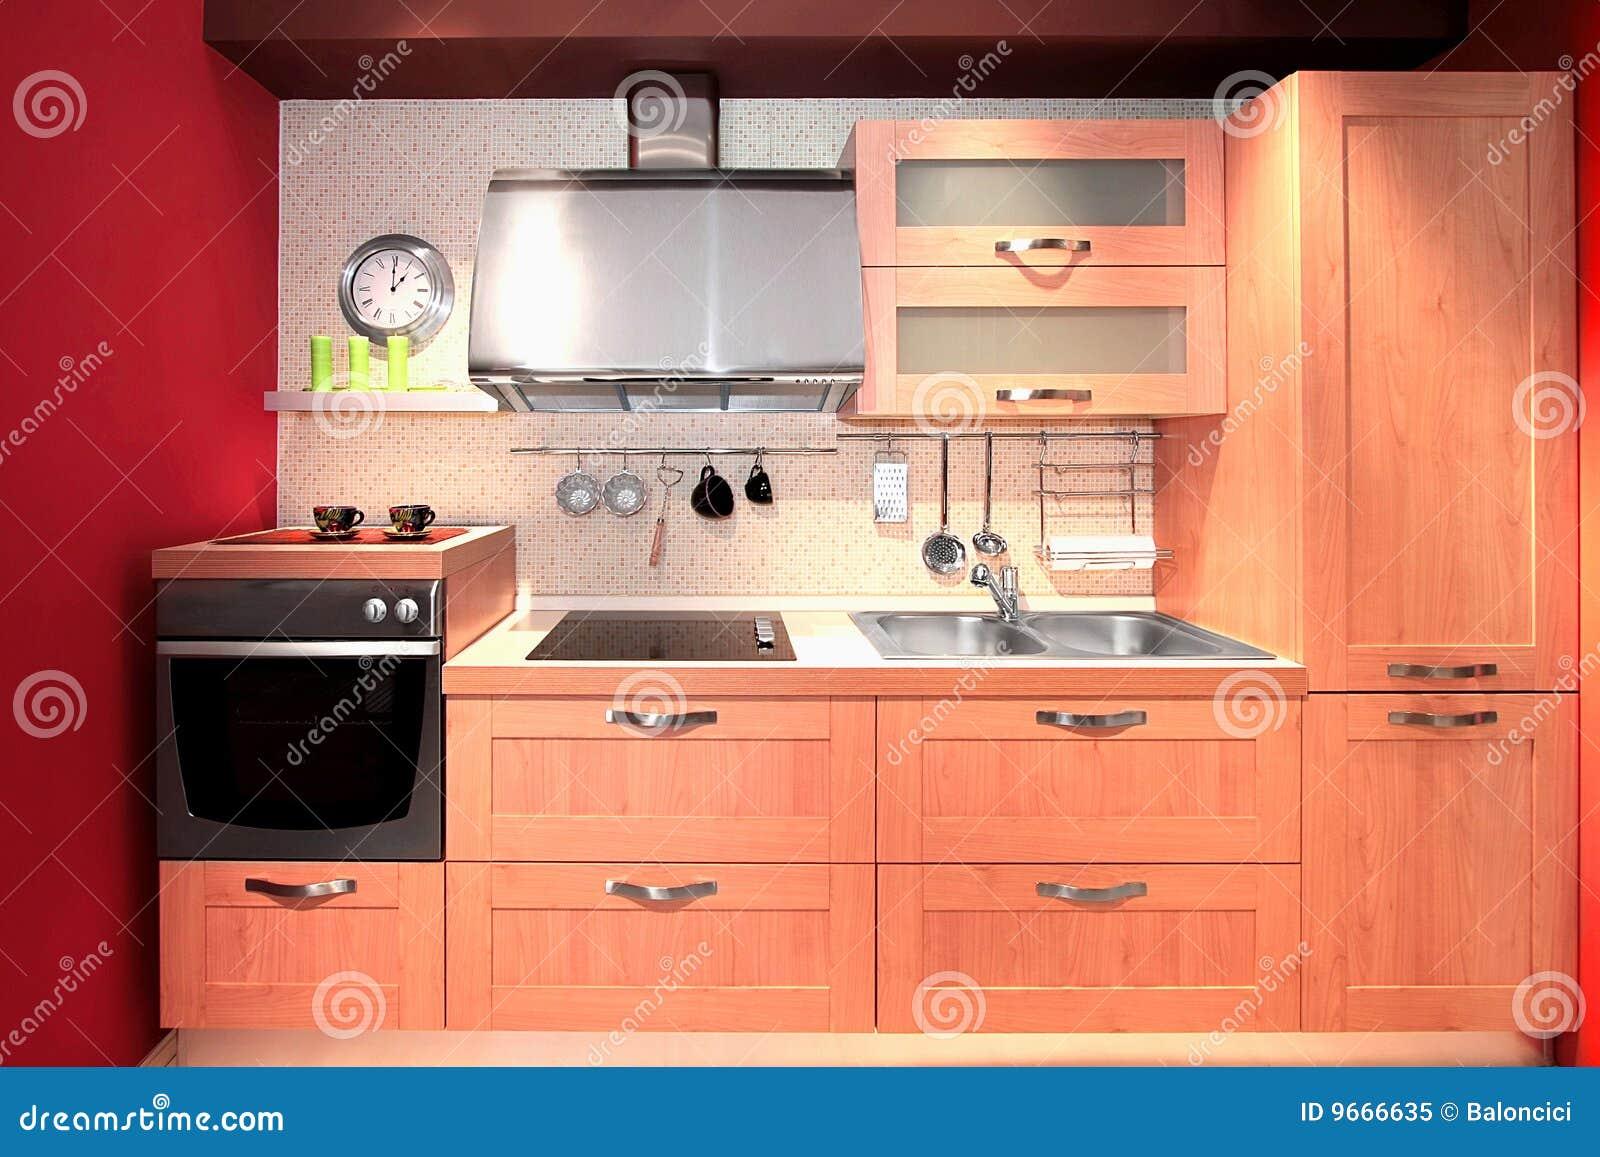 Compacte Design Keuken : Compacte Keuken Royalty-vrije Stock Foto – Afbeelding: 9666635